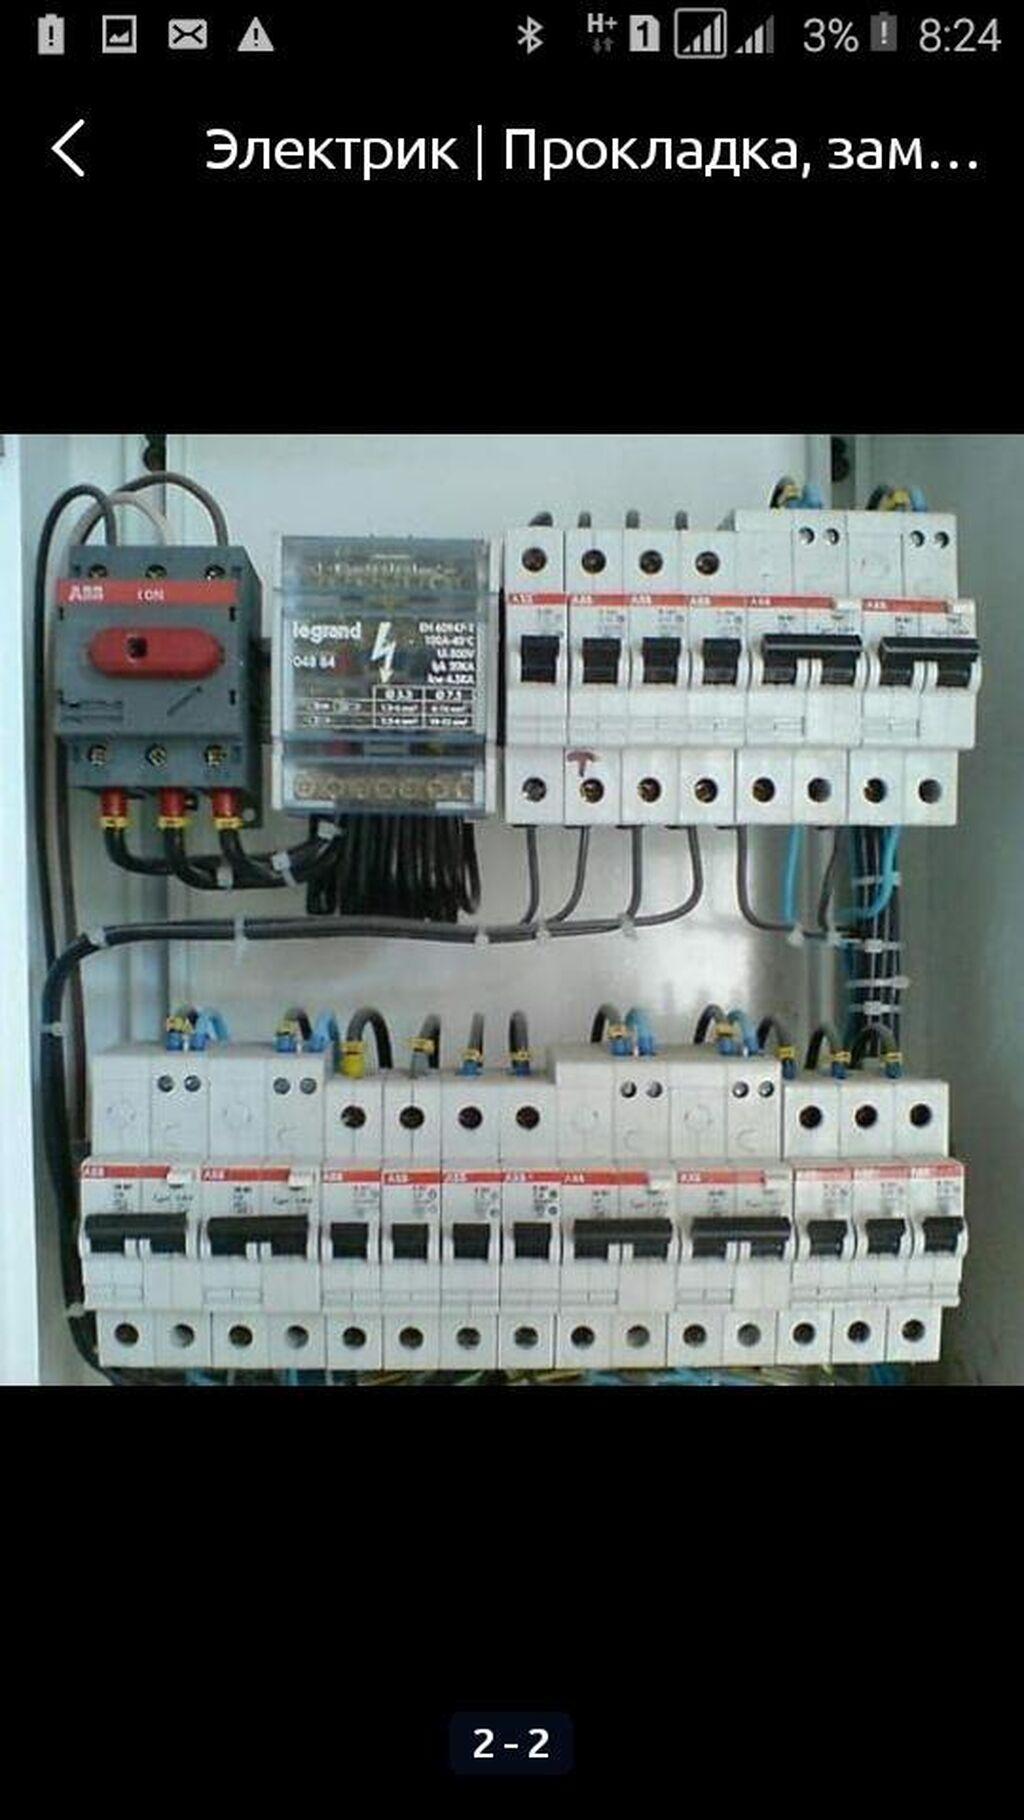 Электрик | Прокладка, замена кабеля | Стаж Больше 6 лет опыта: Электрик | Прокладка, замена кабеля | Стаж Больше 6 лет опыта